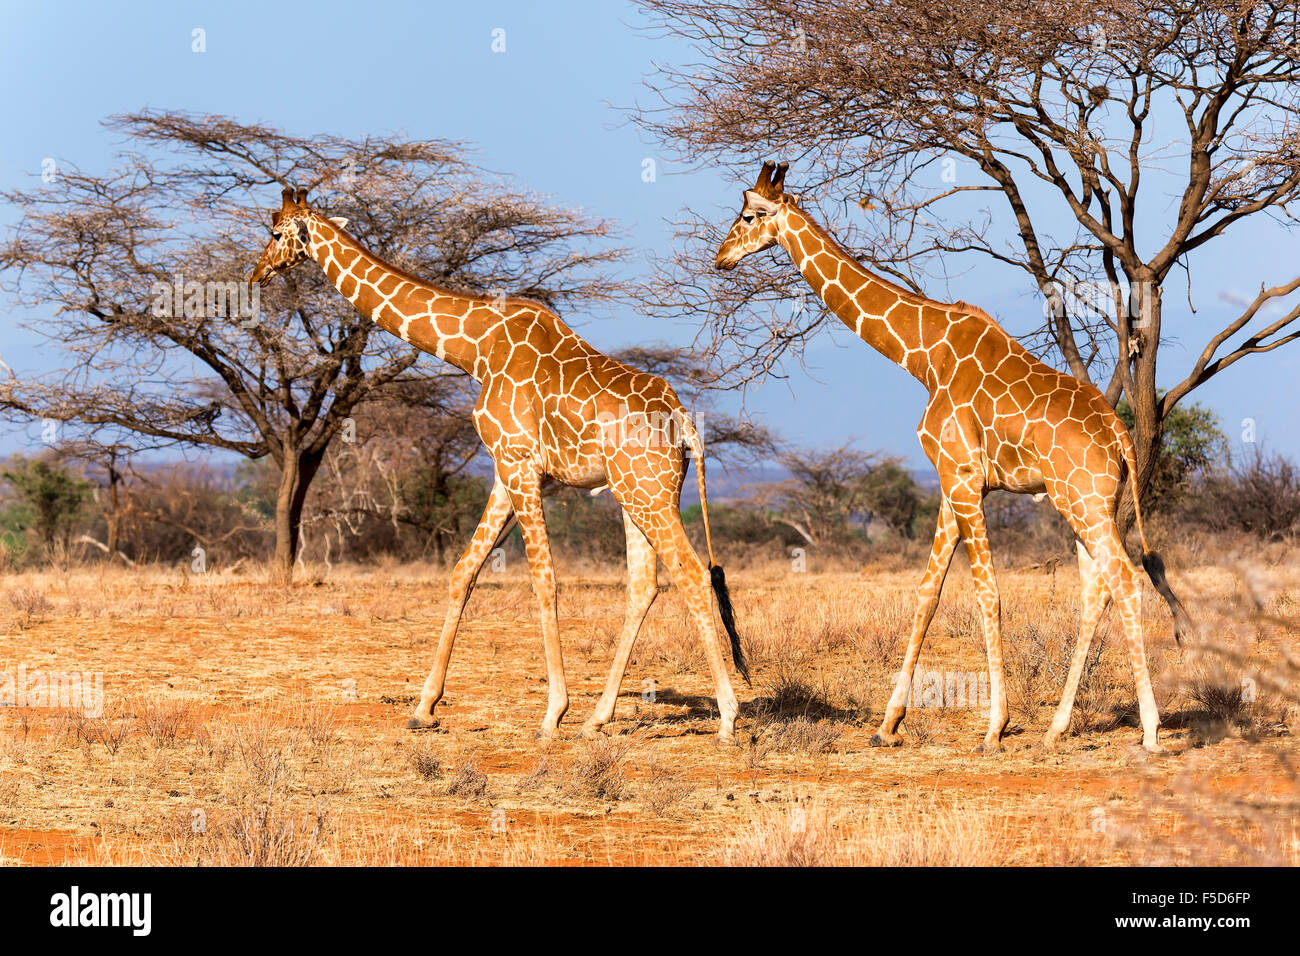 Le giraffe reticolate o giraffe somala (Giraffa camelopardalis reticulata) oltrepassando acacia (acacia sp.) gli Immagini Stock